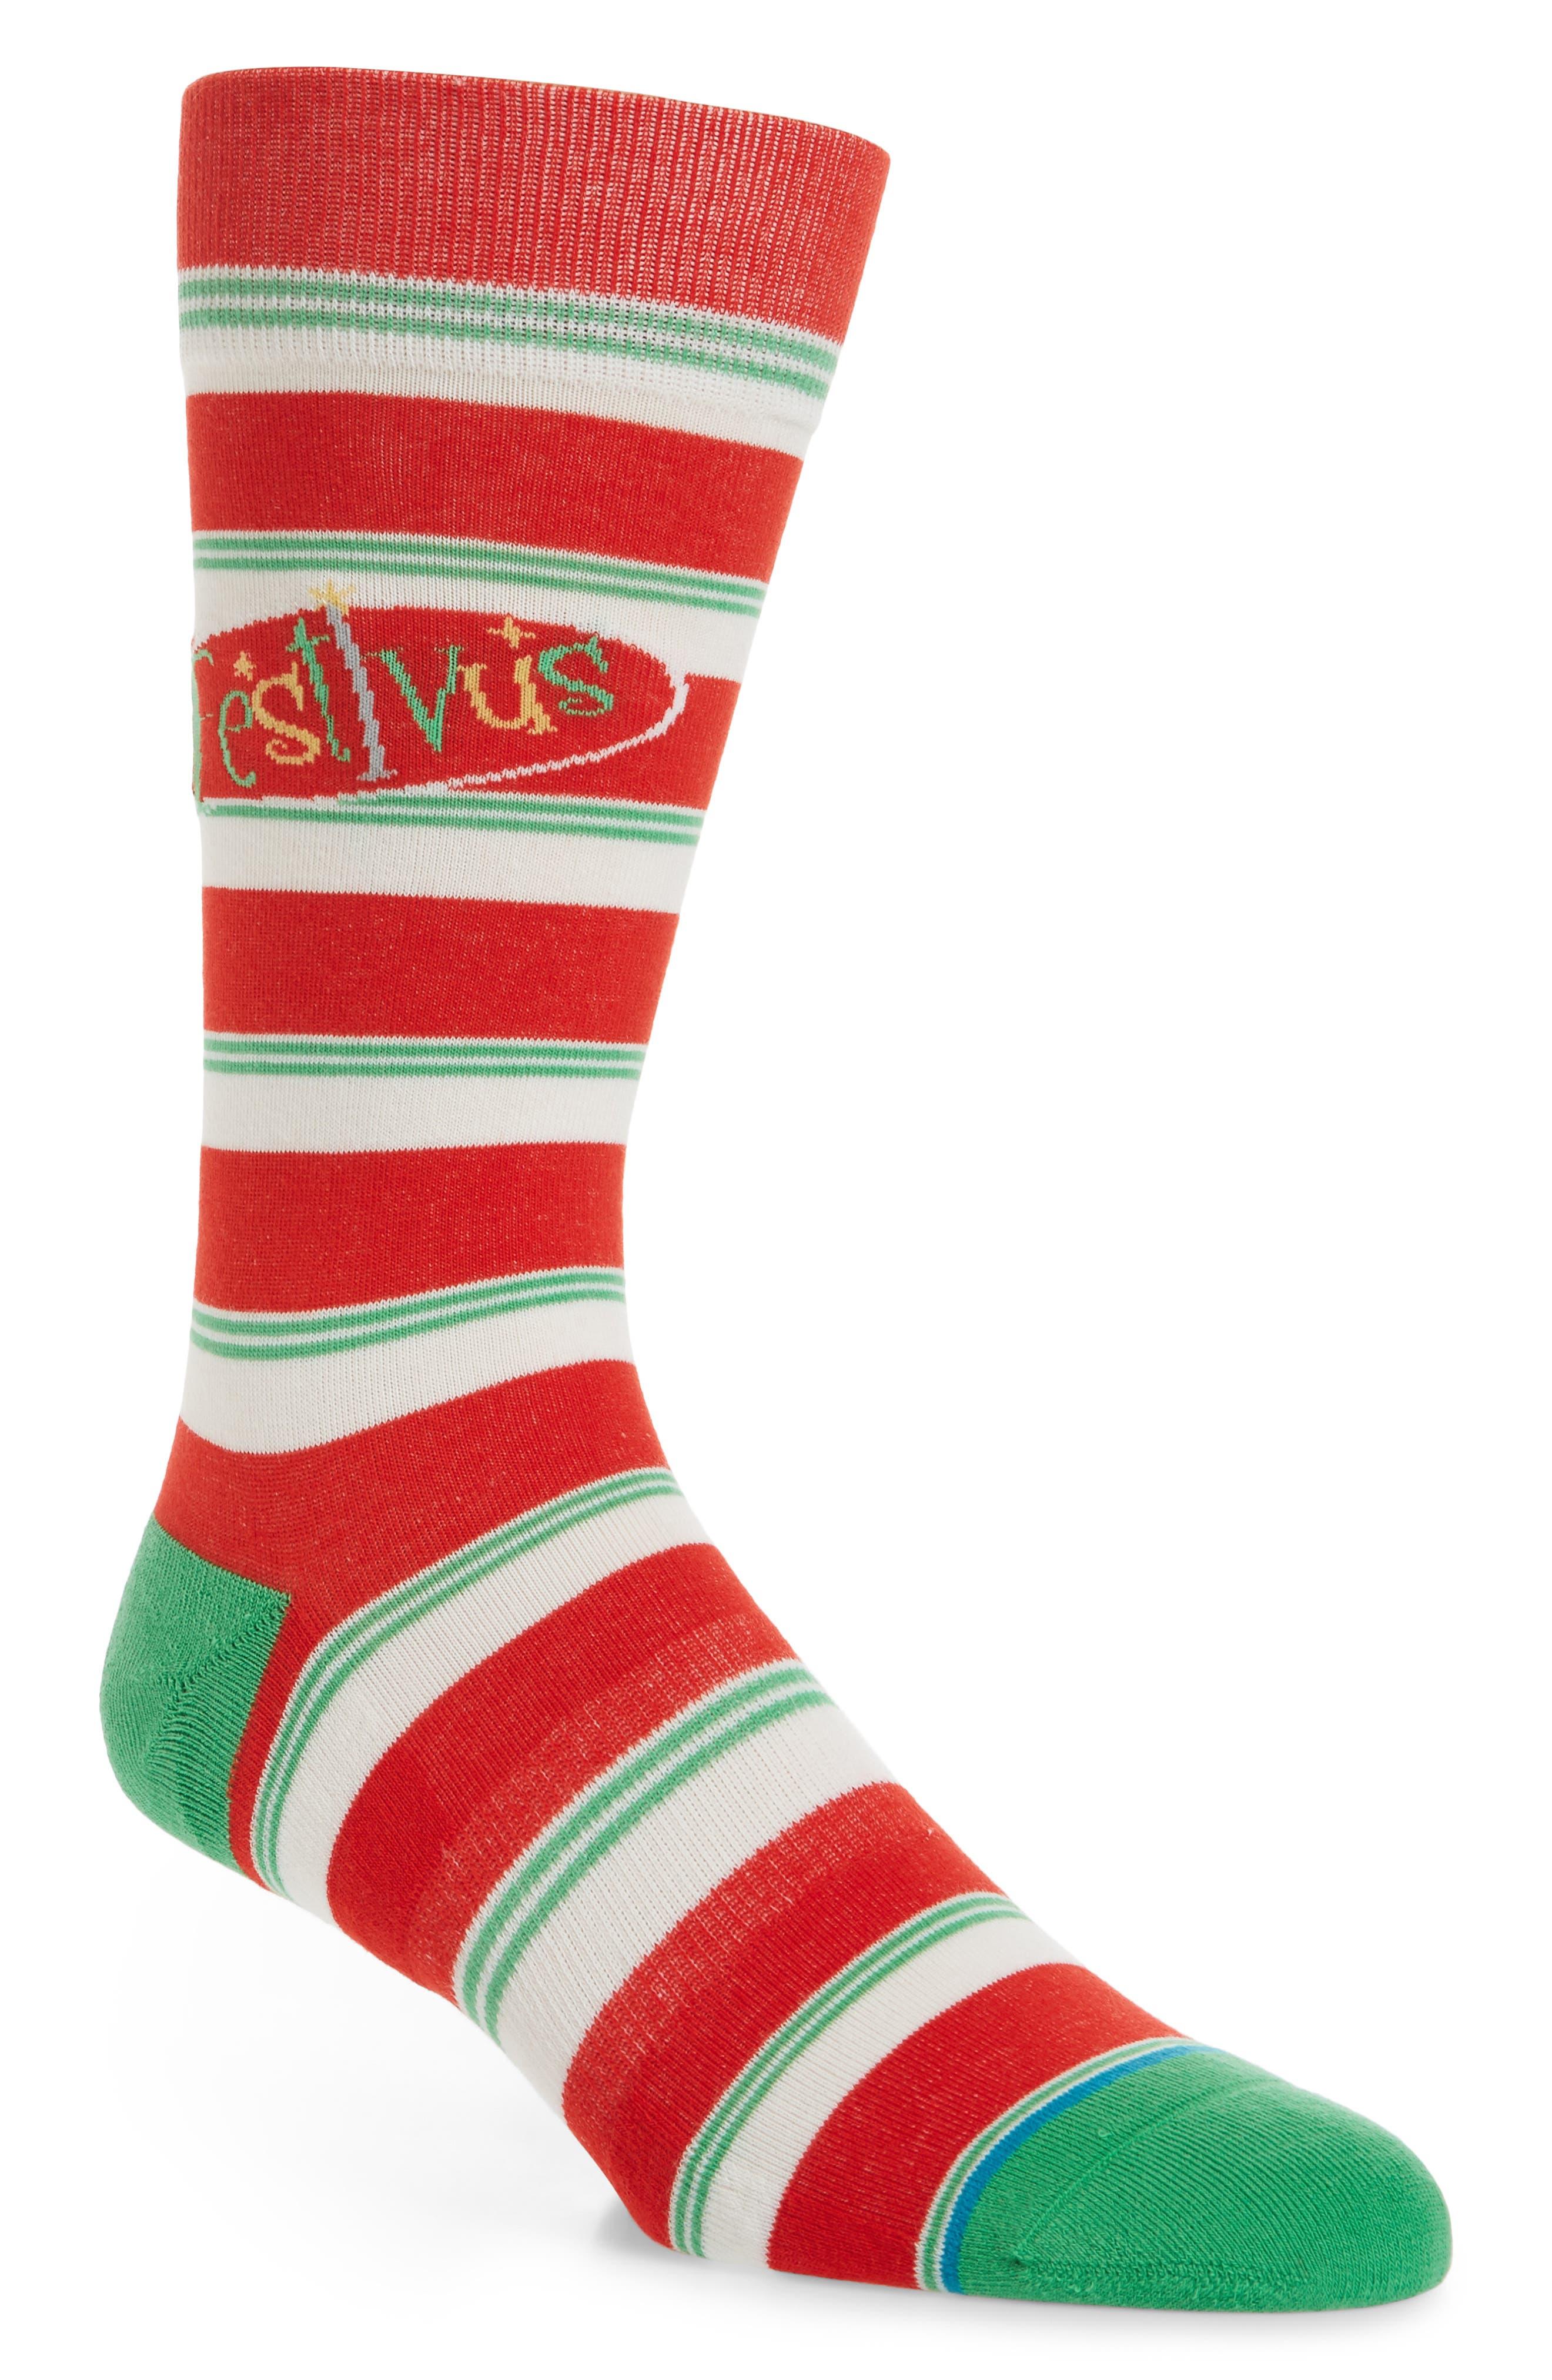 Seinfeld Festivus Socks,                         Main,                         color, Red